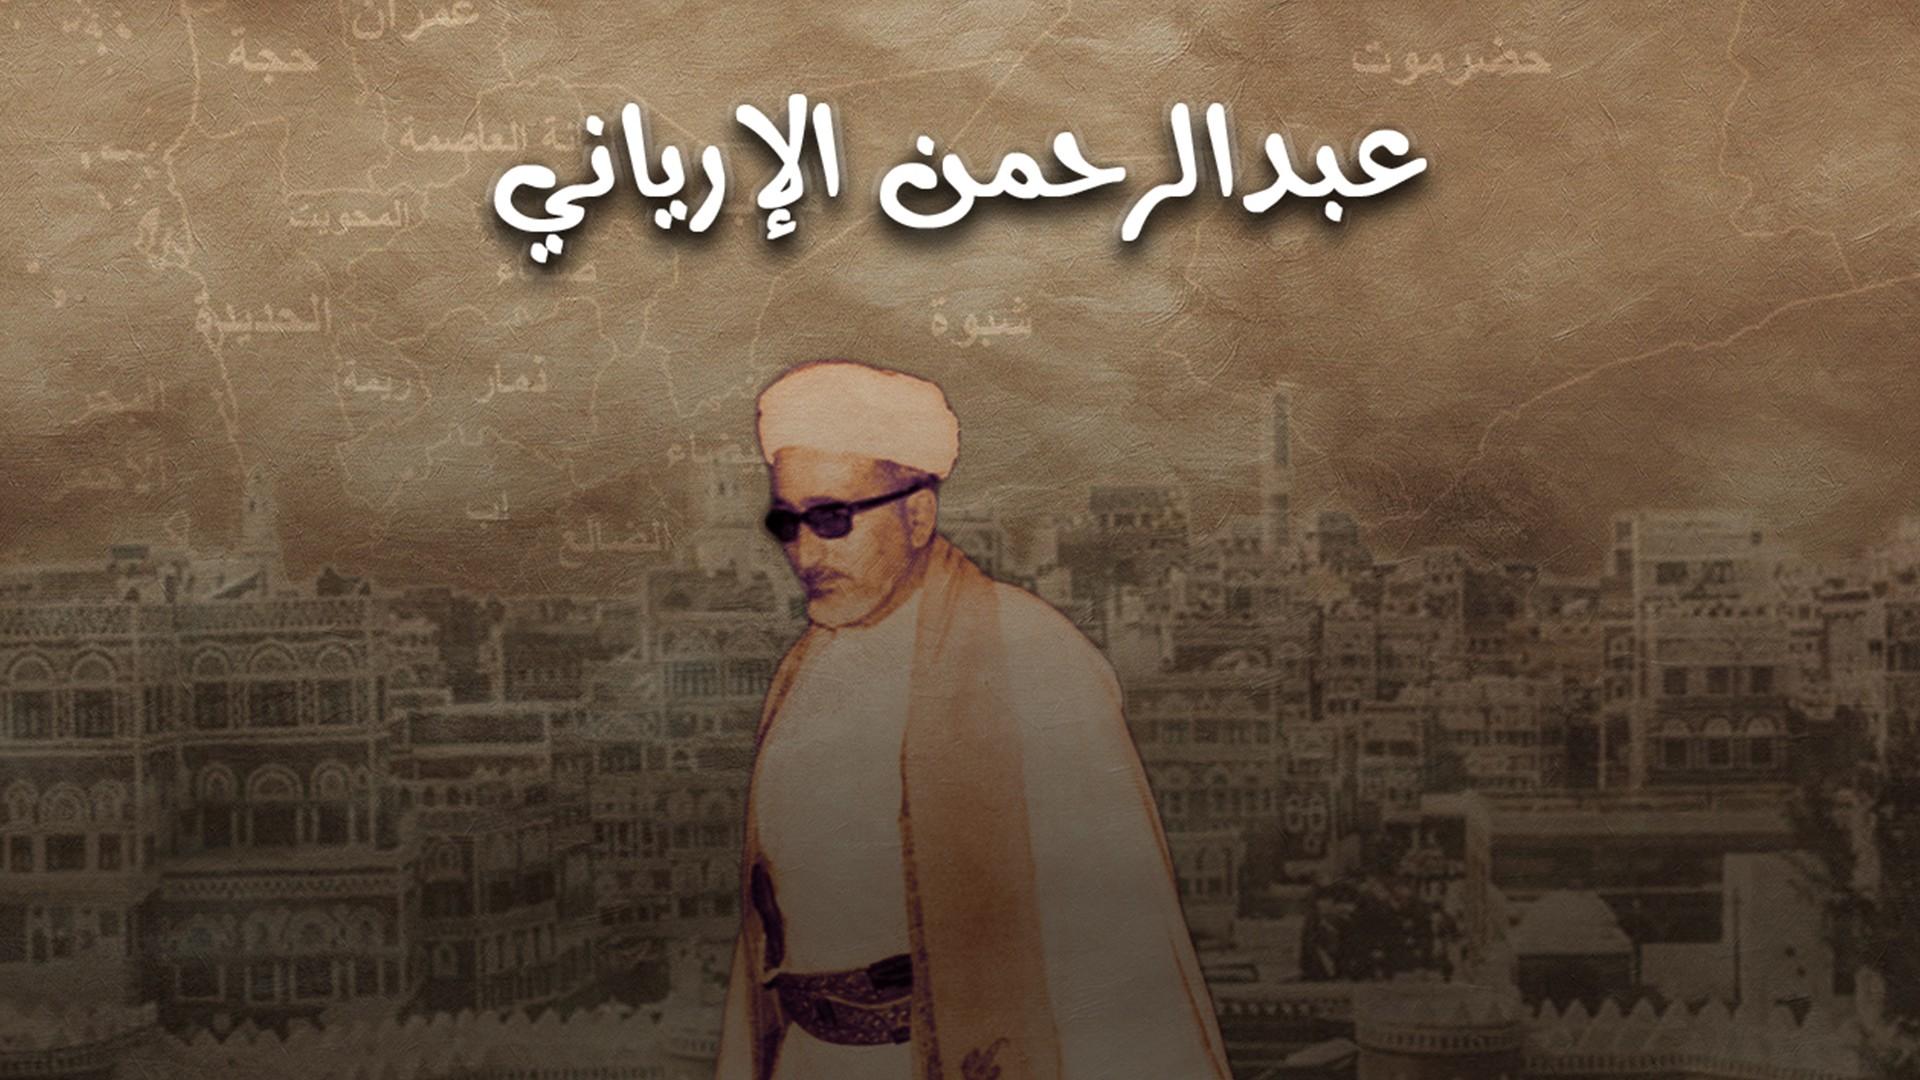 انقلابات اليمن وحروبها وصولا لتأسيس الجمهورية العربية اليمنية   مذكّرات الرئيس عبدالرحمن الإرياني